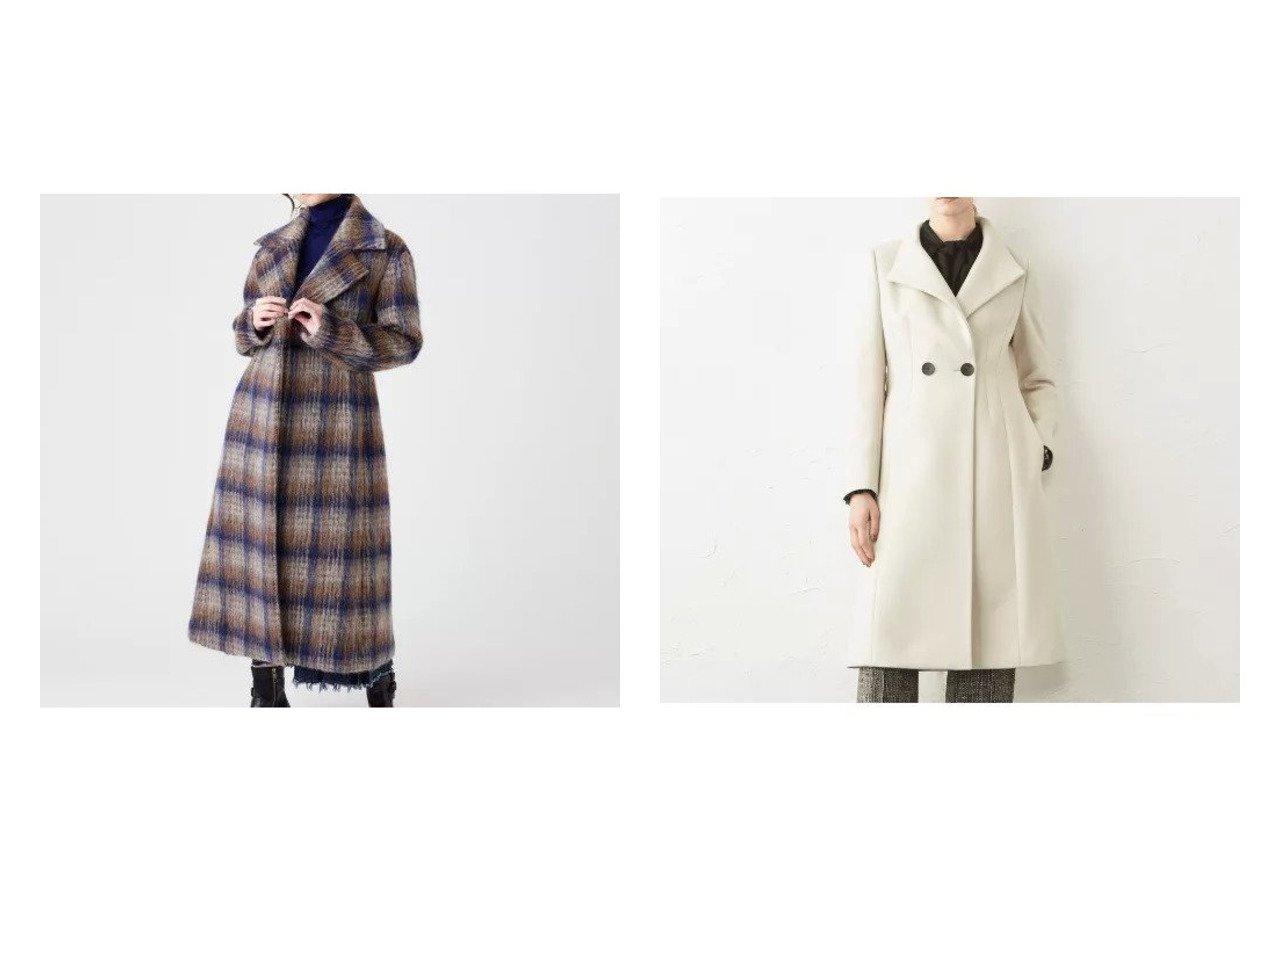 【EPOCA/エポカ】のチェックシャギーコート&ウールクロスコート アウターのおすすめ!人気、レディースファッションの通販 おすすめで人気のファッション通販商品 インテリア・家具・キッズファッション・メンズファッション・レディースファッション・服の通販 founy(ファニー) https://founy.com/ ファッション Fashion レディース WOMEN アウター Coat Outerwear コート Coats イタリア |ID:crp329100000001731